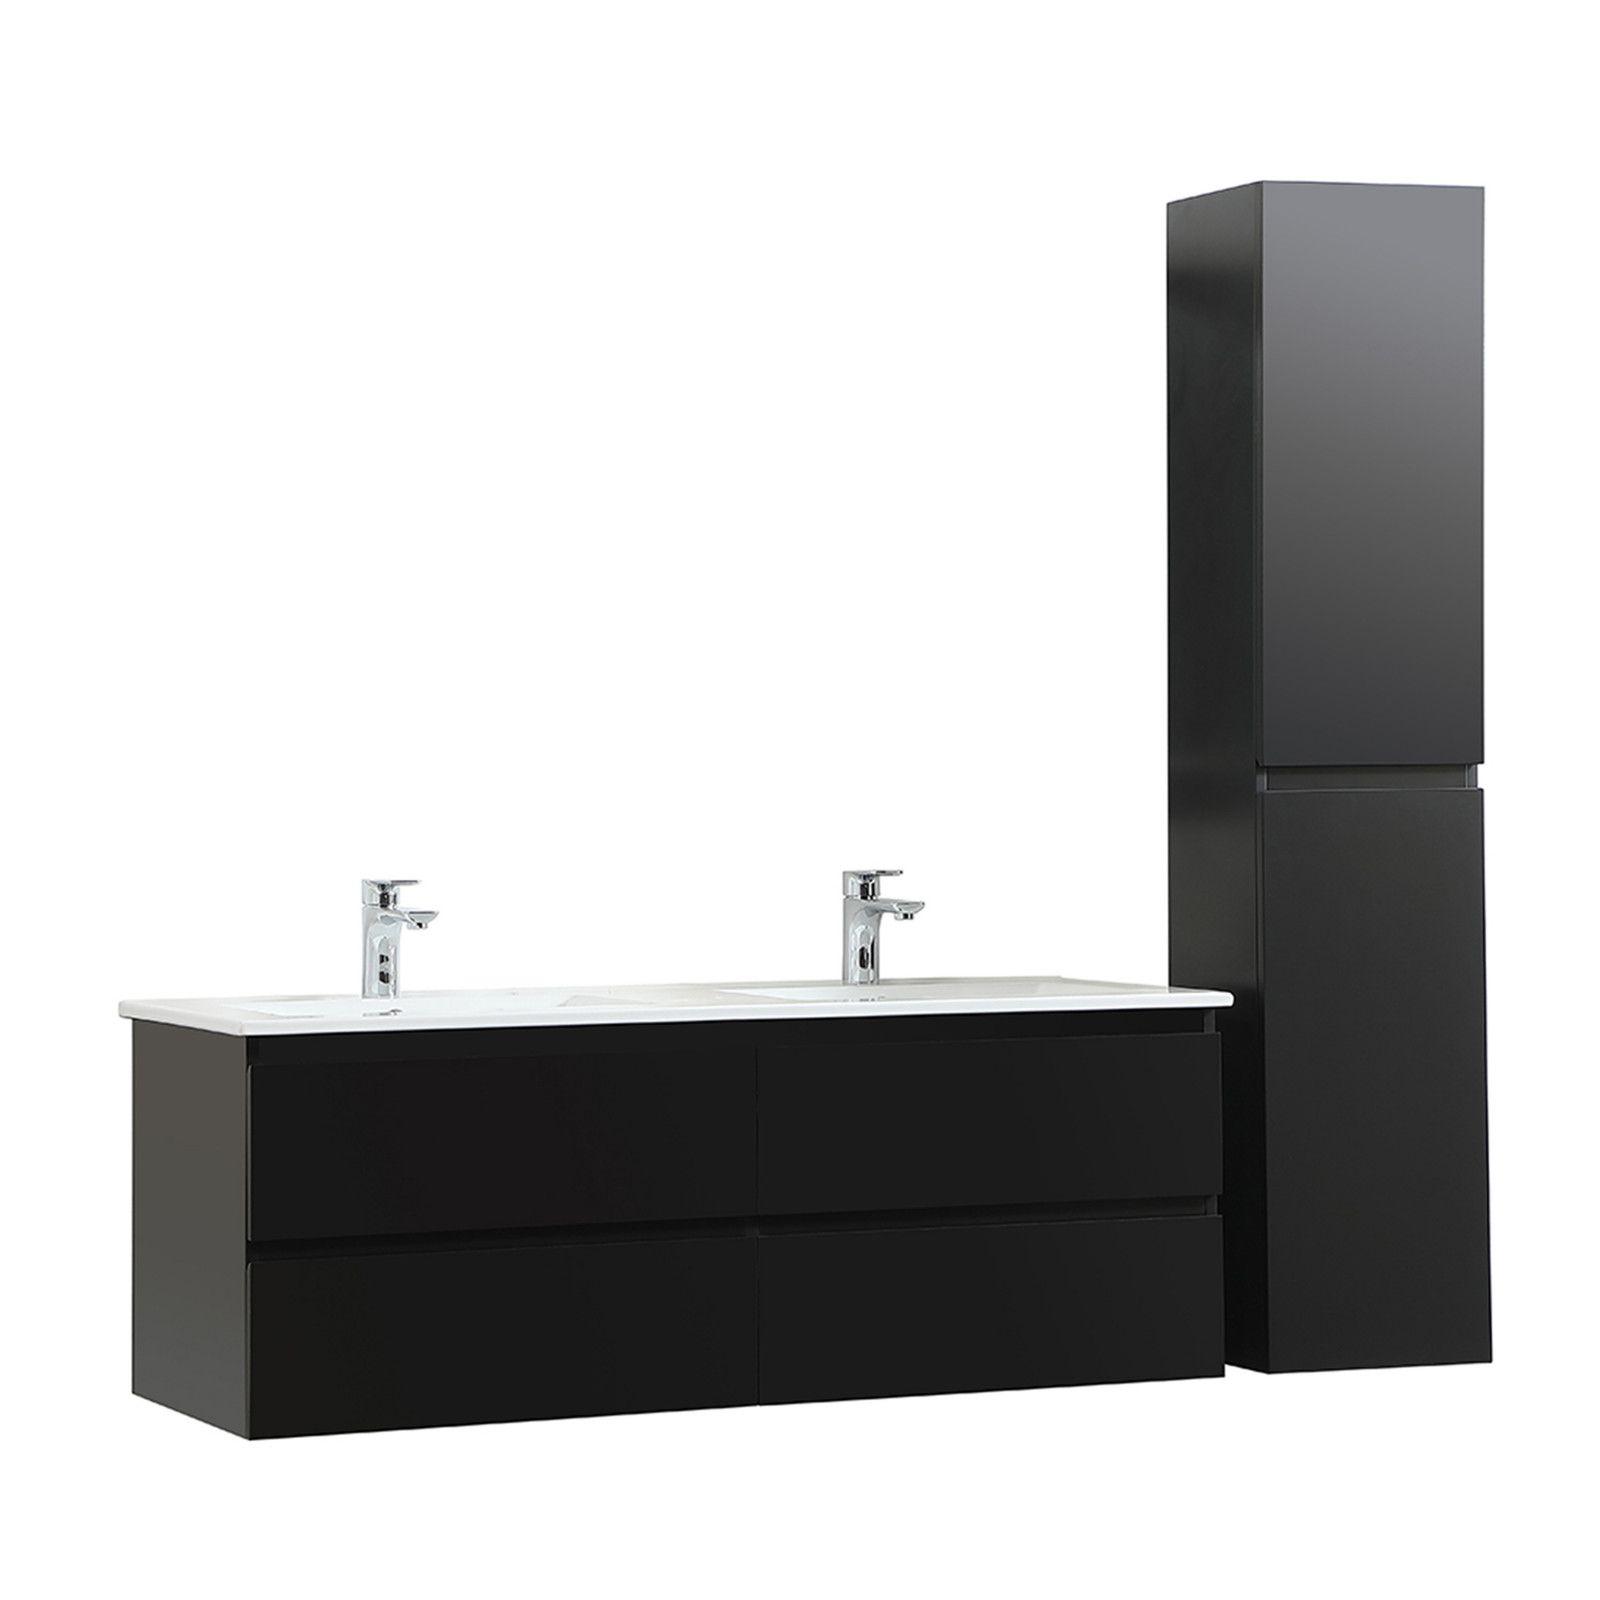 Meuble de salle de bain avec Vasques et Colonne Noir